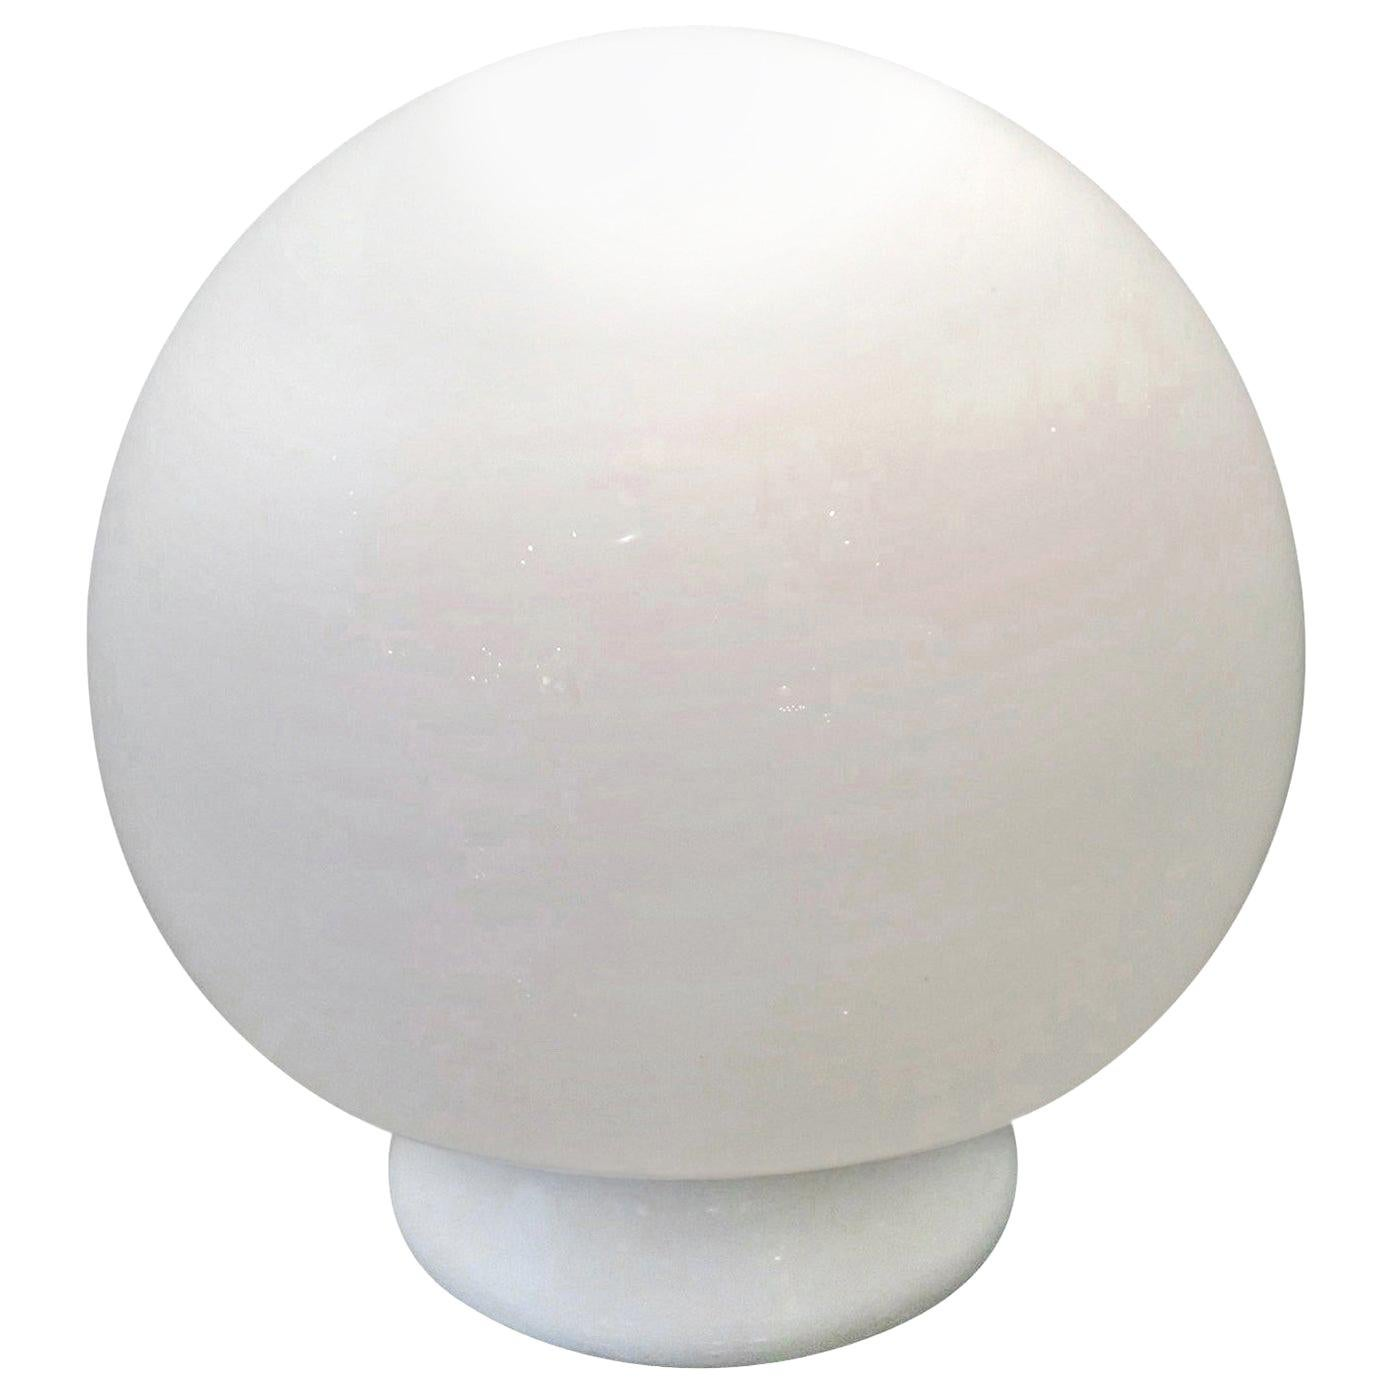 Mid-Century Modern Italian Gino Vistosi Style White Murano Glass Mushroom Lamp